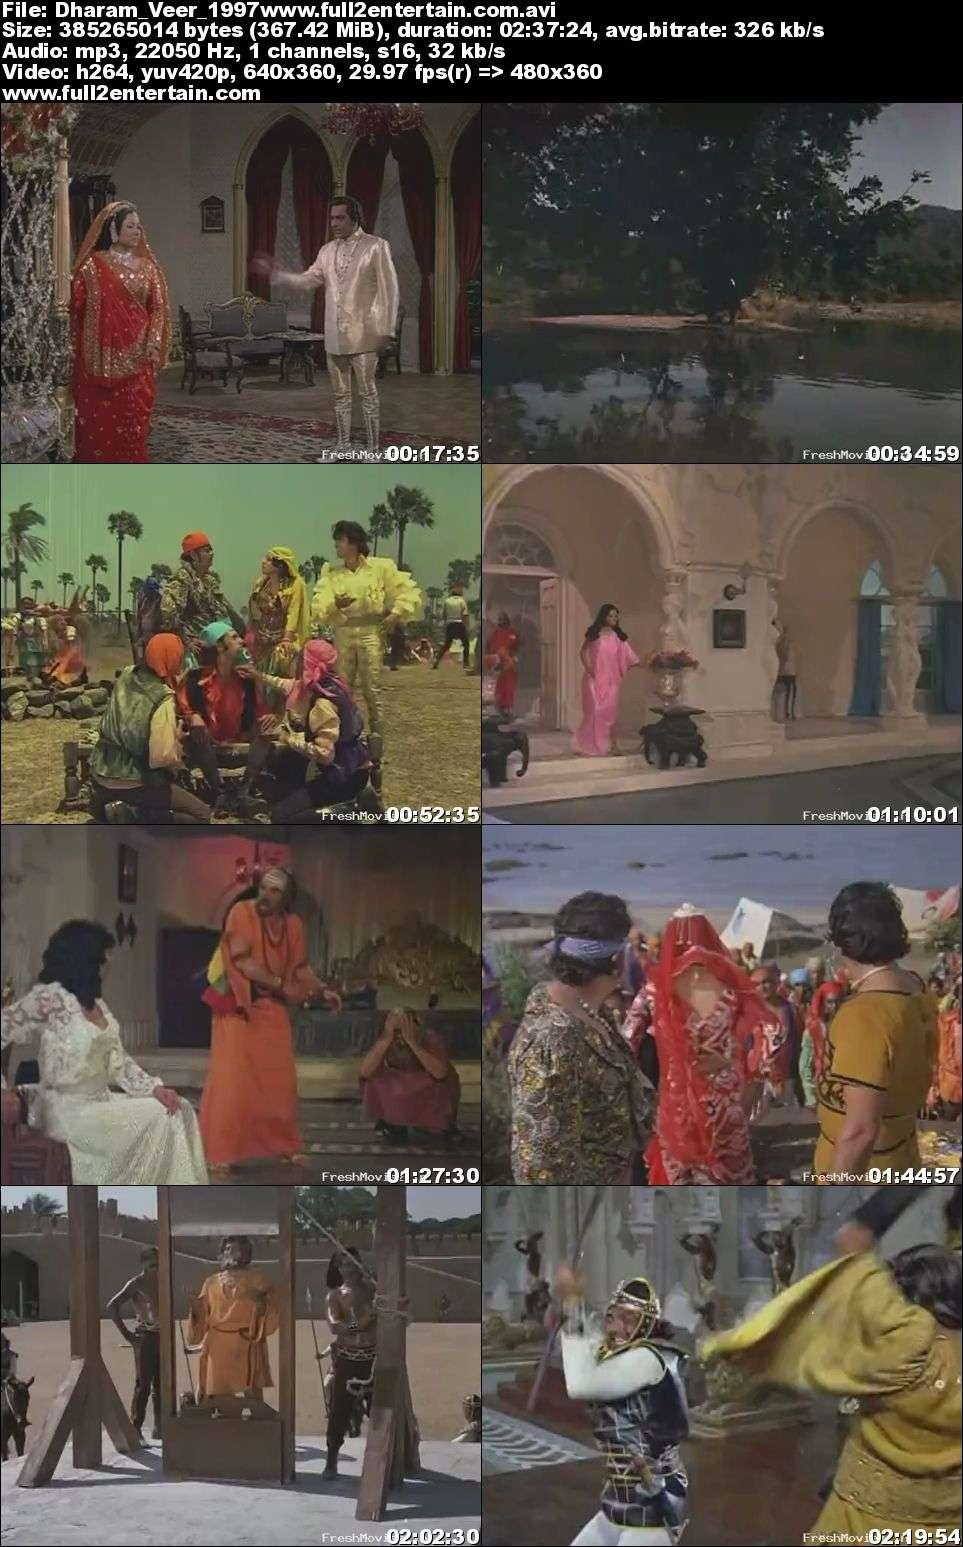 Dharam Veer 1997 Full Movie Download Free in Dvdrip 480p